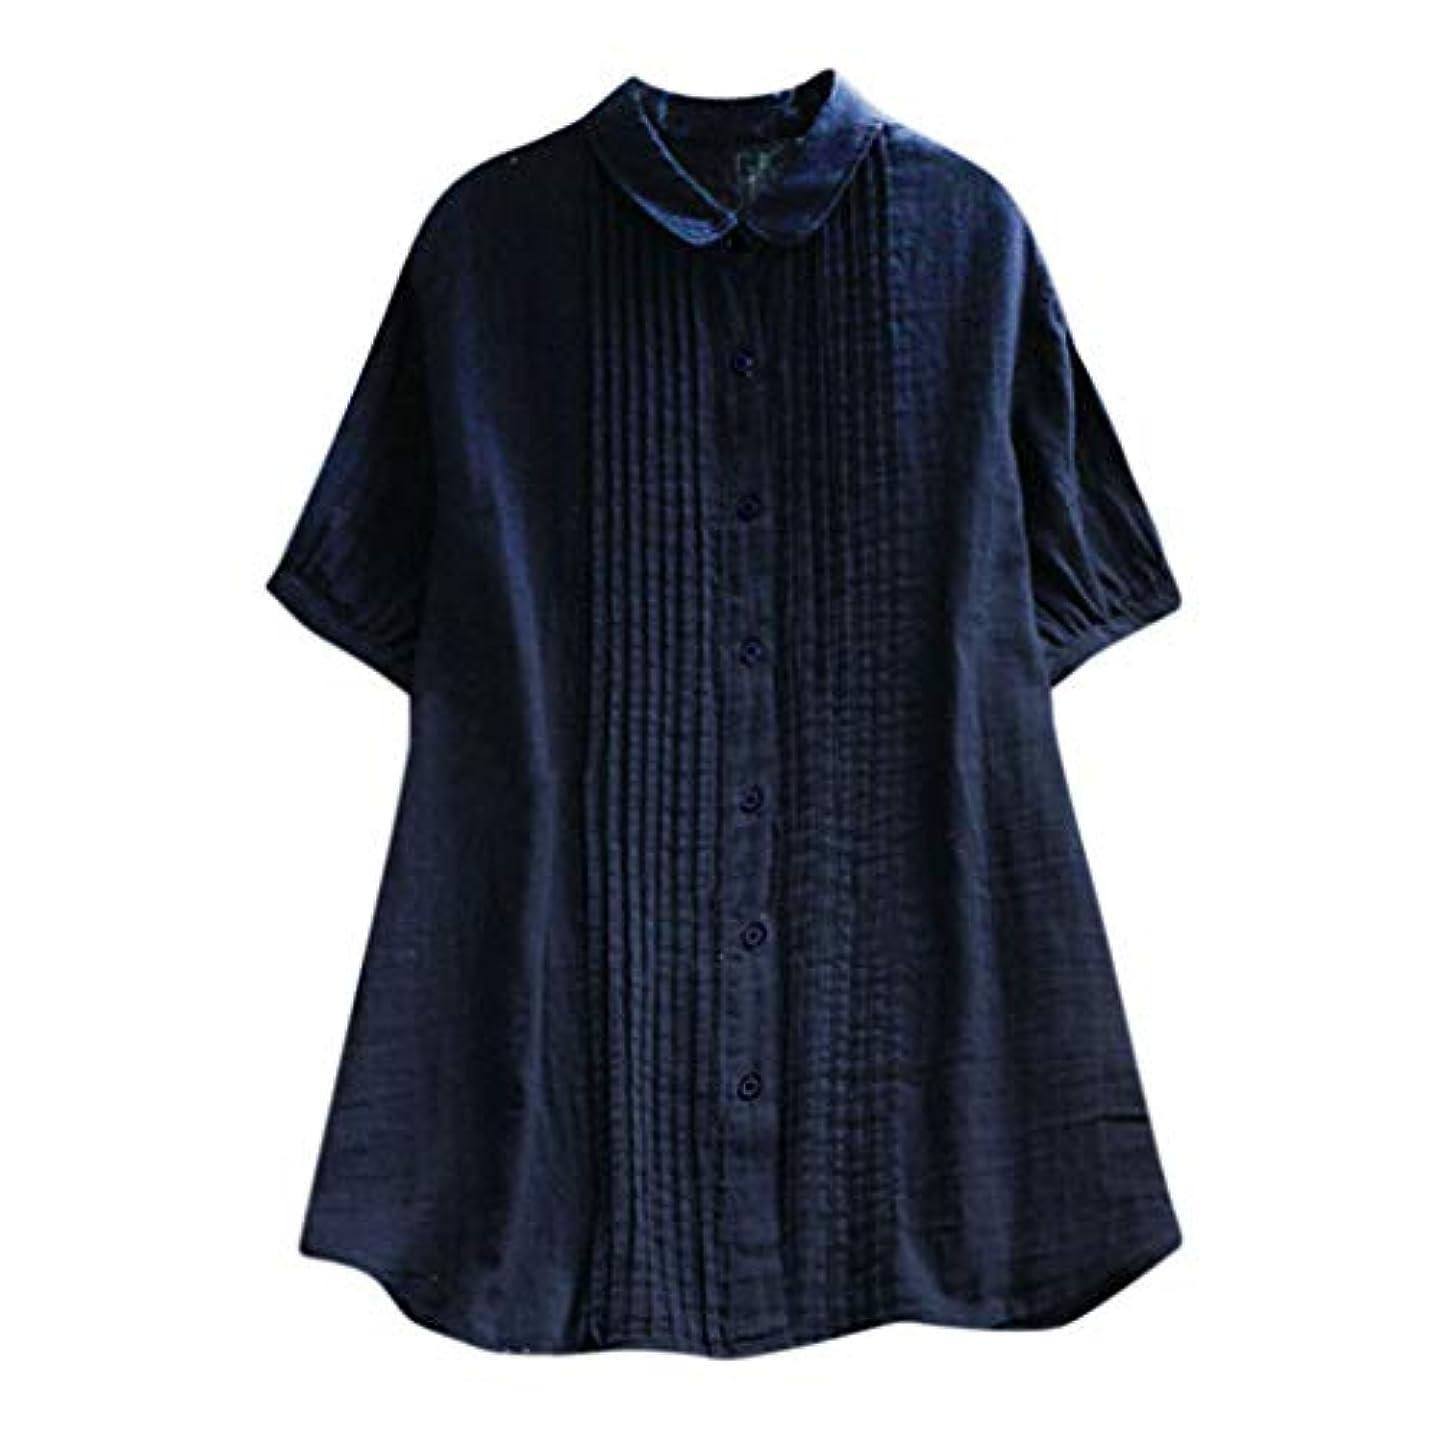 誘発するスパイかもめ女性の半袖Tシャツ - ピーターパンカラー夏緩い無地カジュアルダウントップスブラウス (青, 2XL)